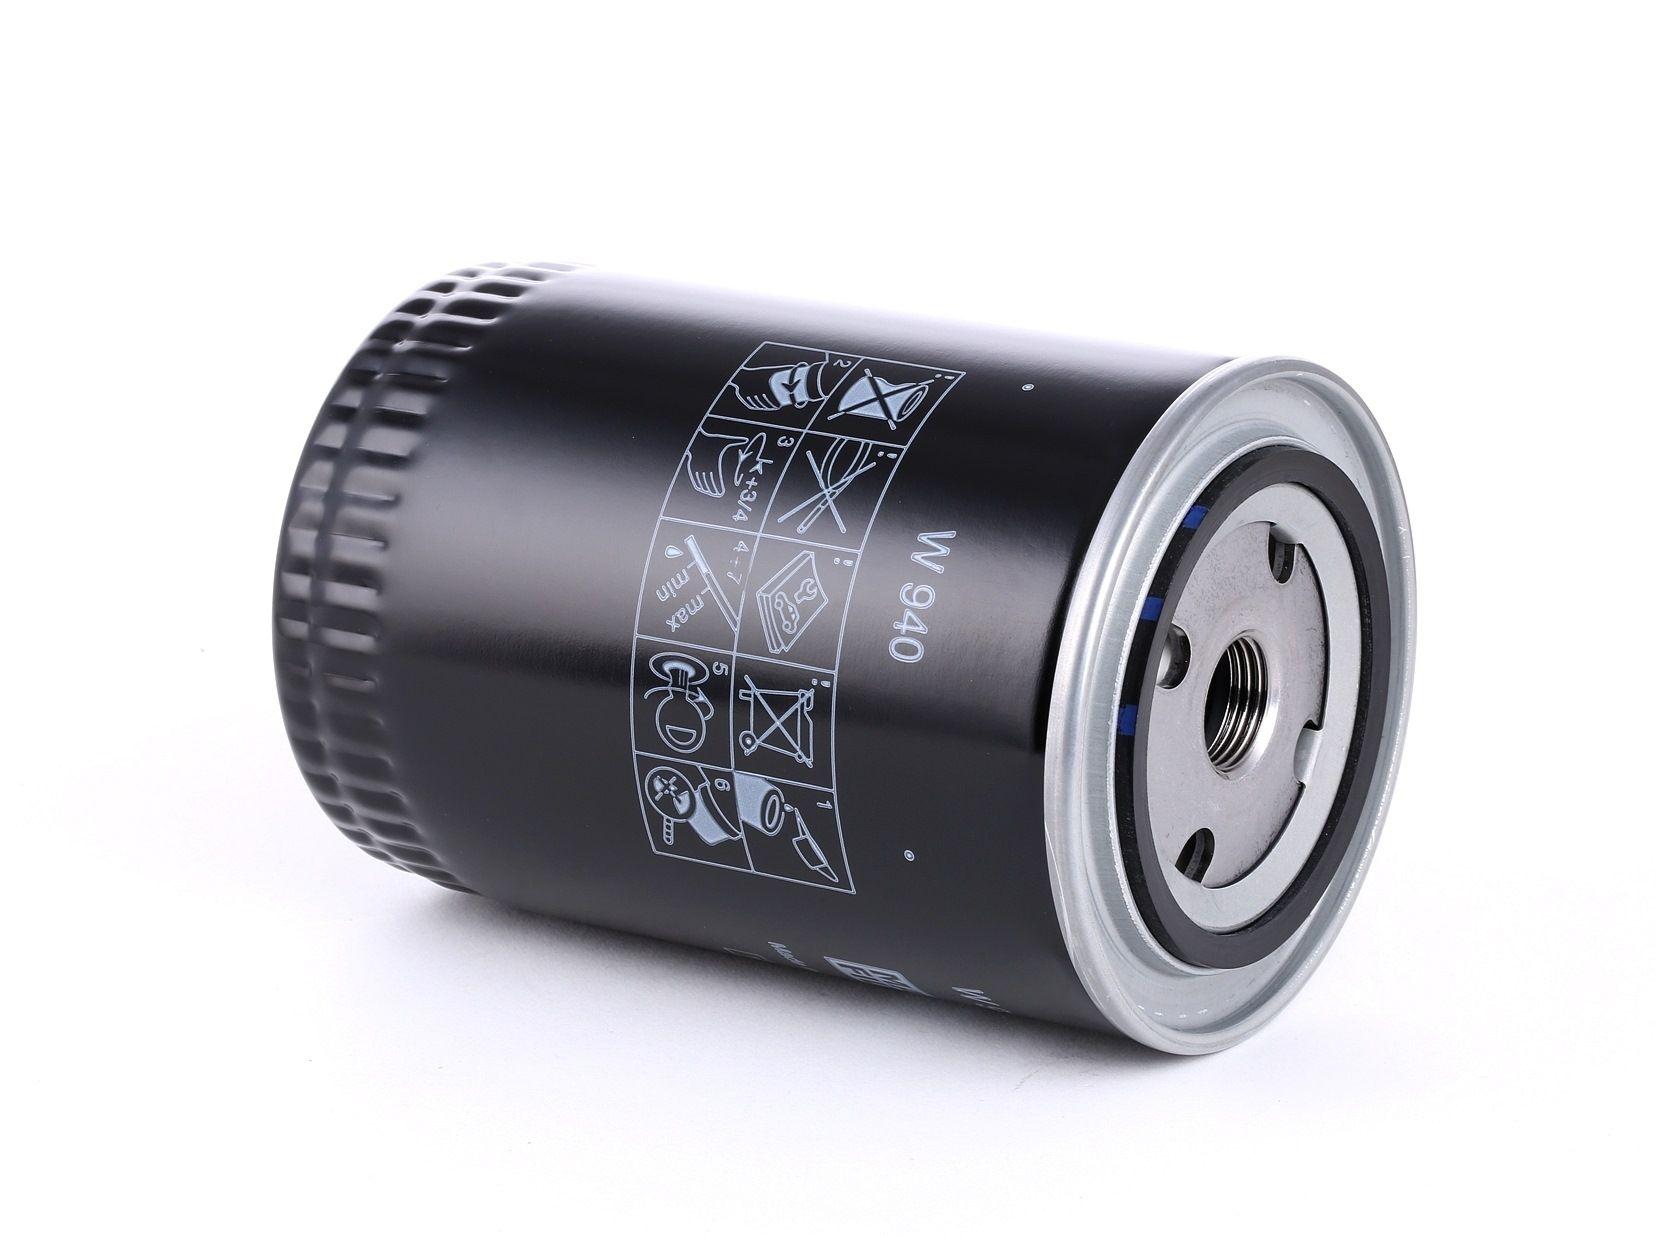 Oljni filter W 940 za VW KOMBI po znižani ceni - kupi zdaj!